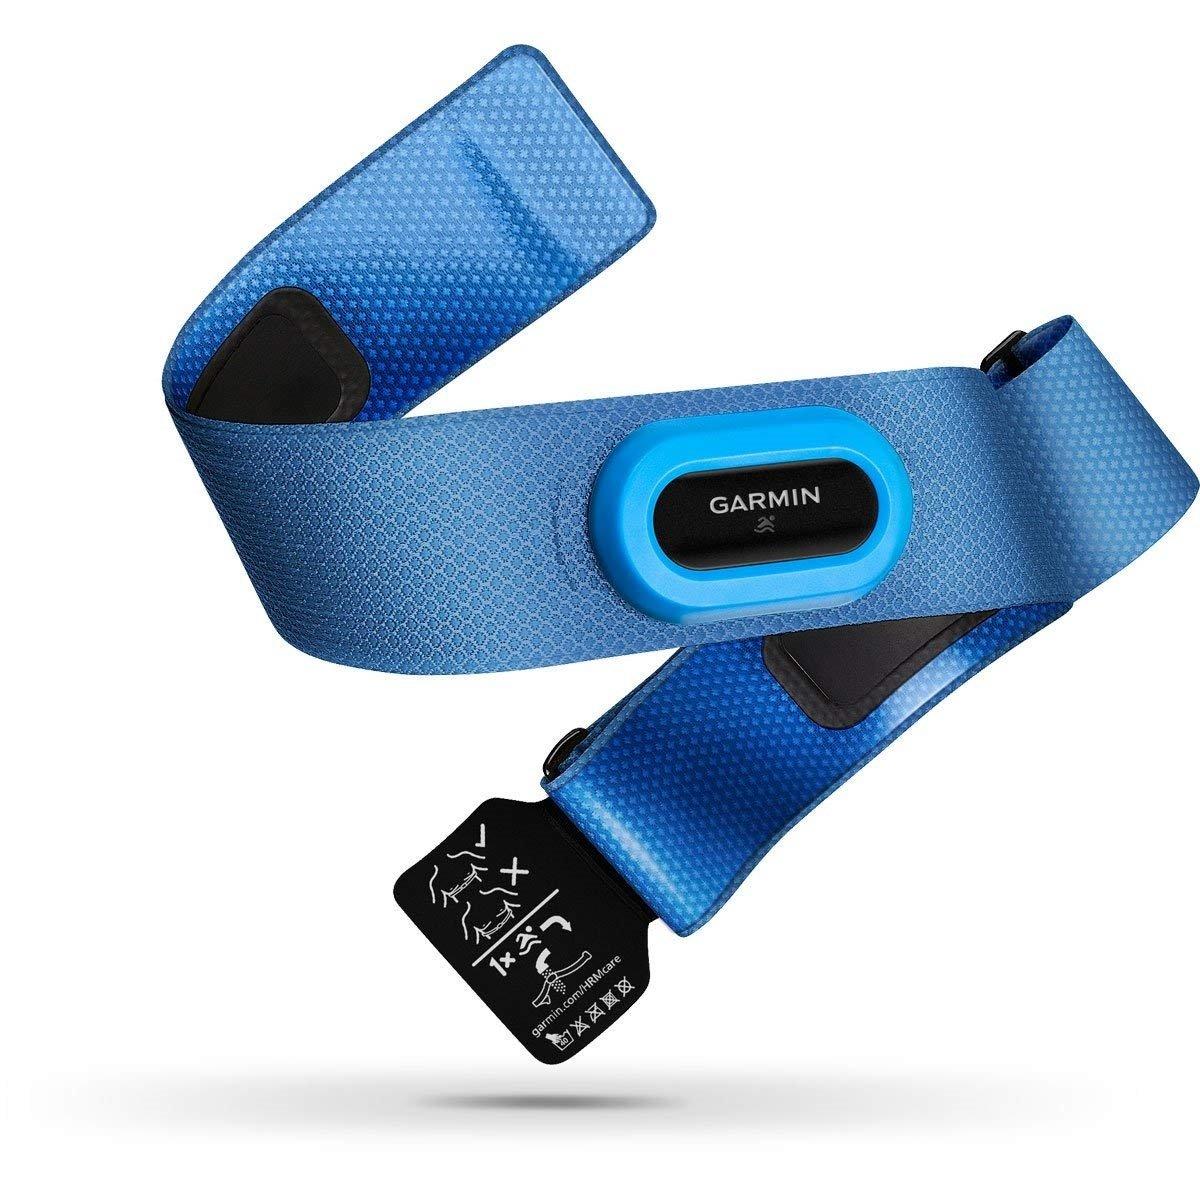 Garmin HRM Swim Blue One Size